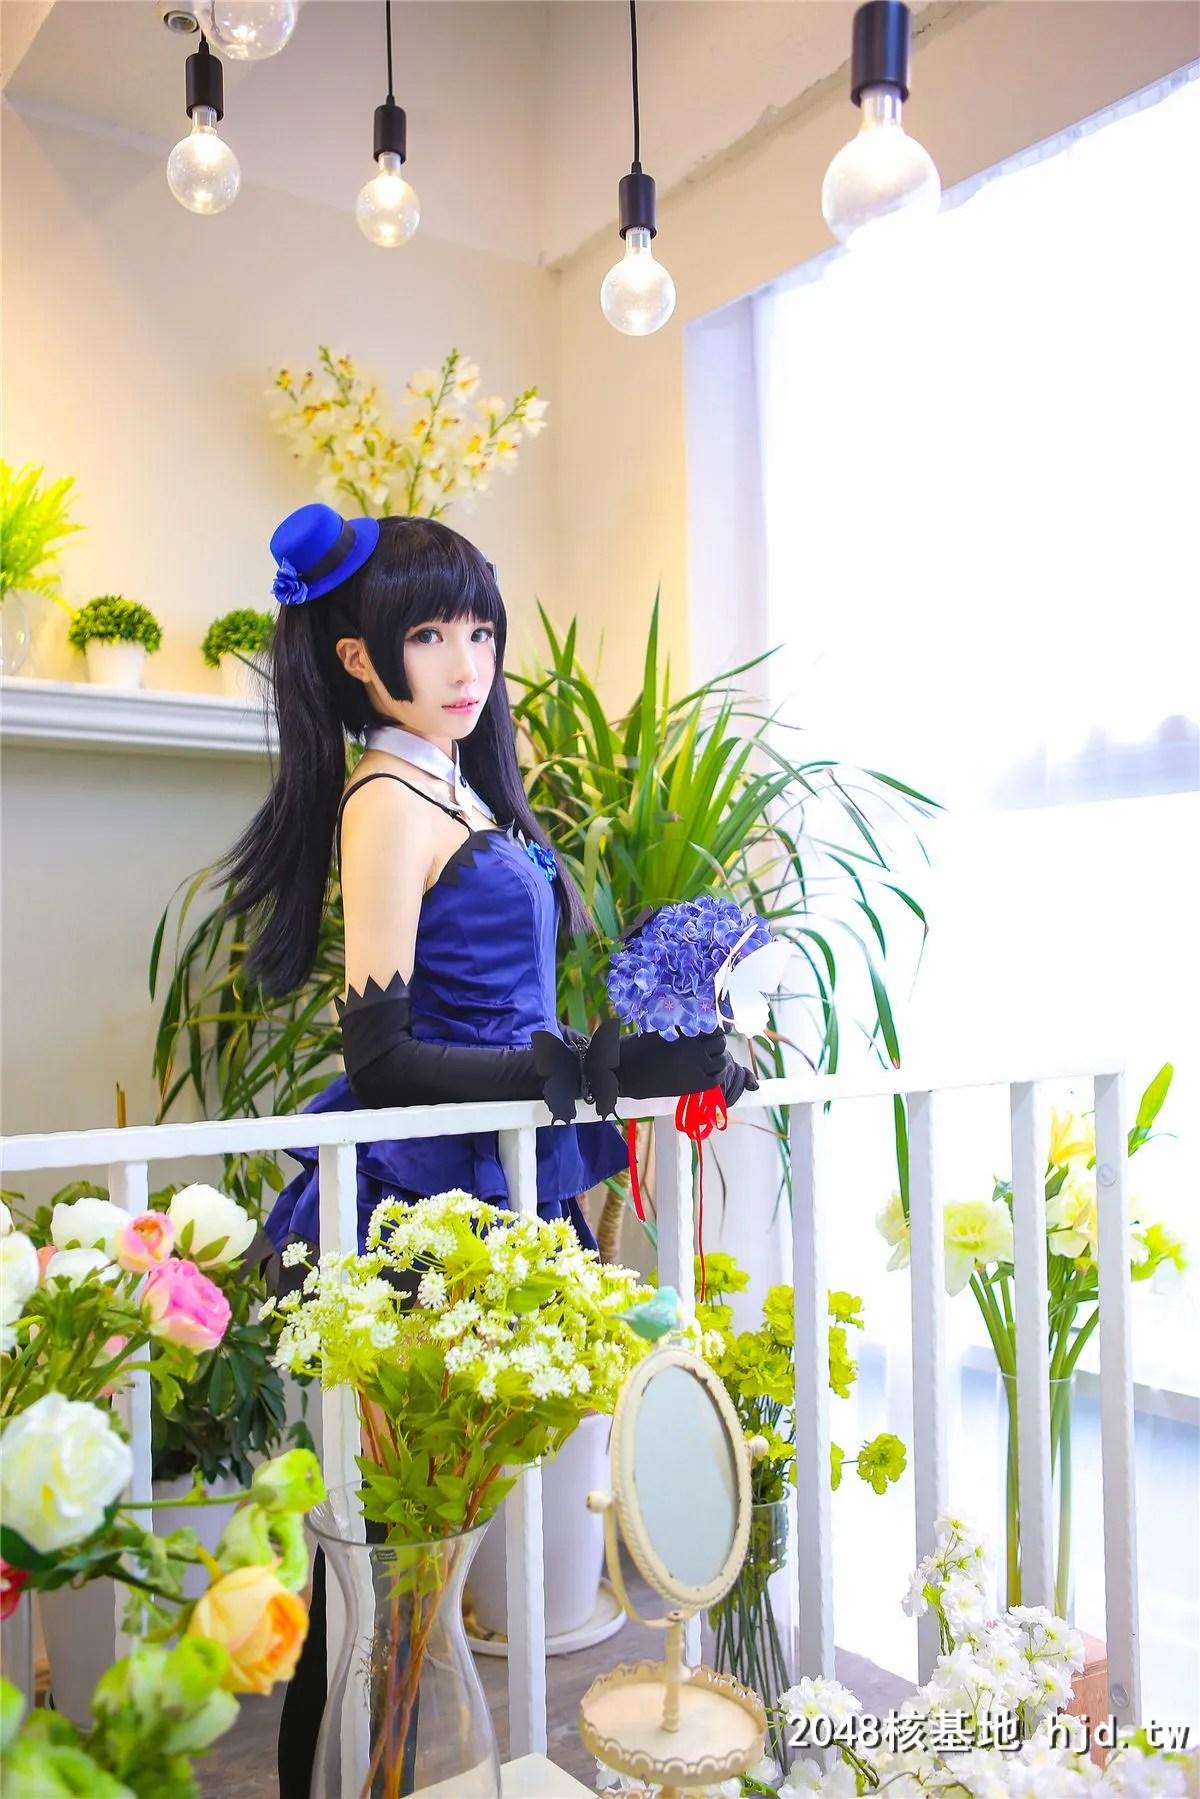 《散华礼弥》蓝色礼服黑袜少女诱惑Cosplay【CN:-Tomoyo酱-】 (14P)插图(7)